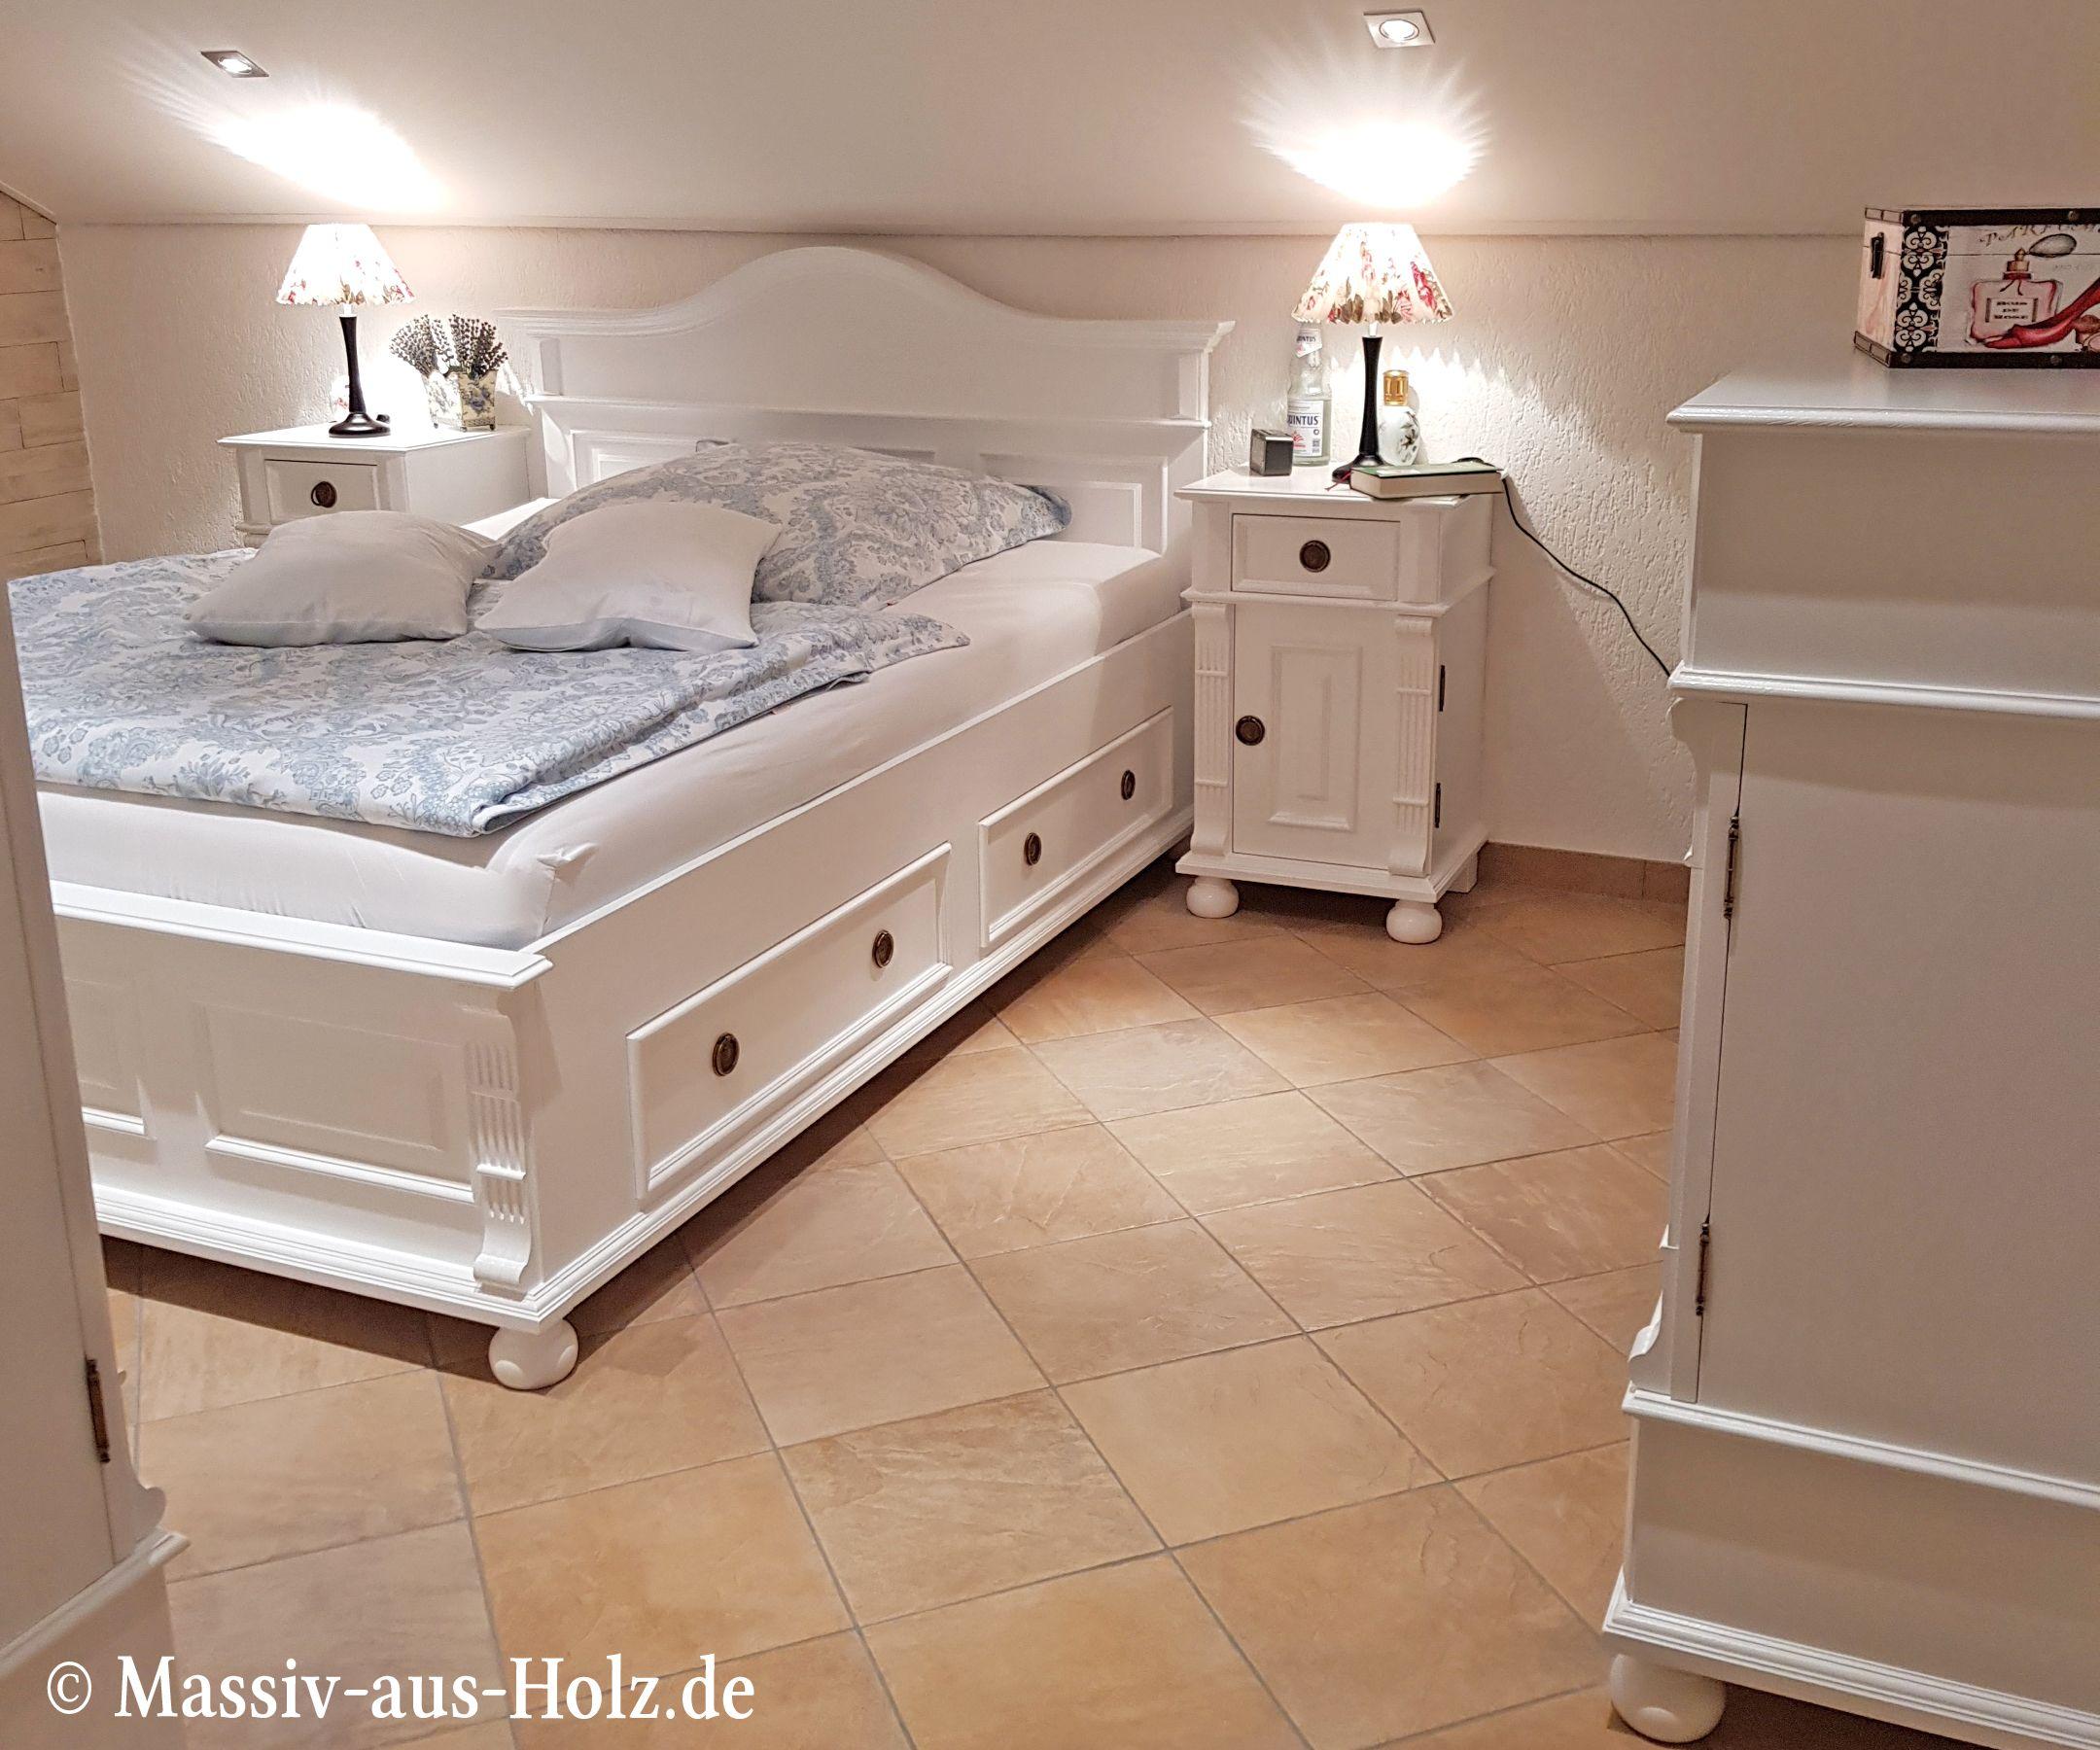 Günstige Möbel, Landhaus Möbel